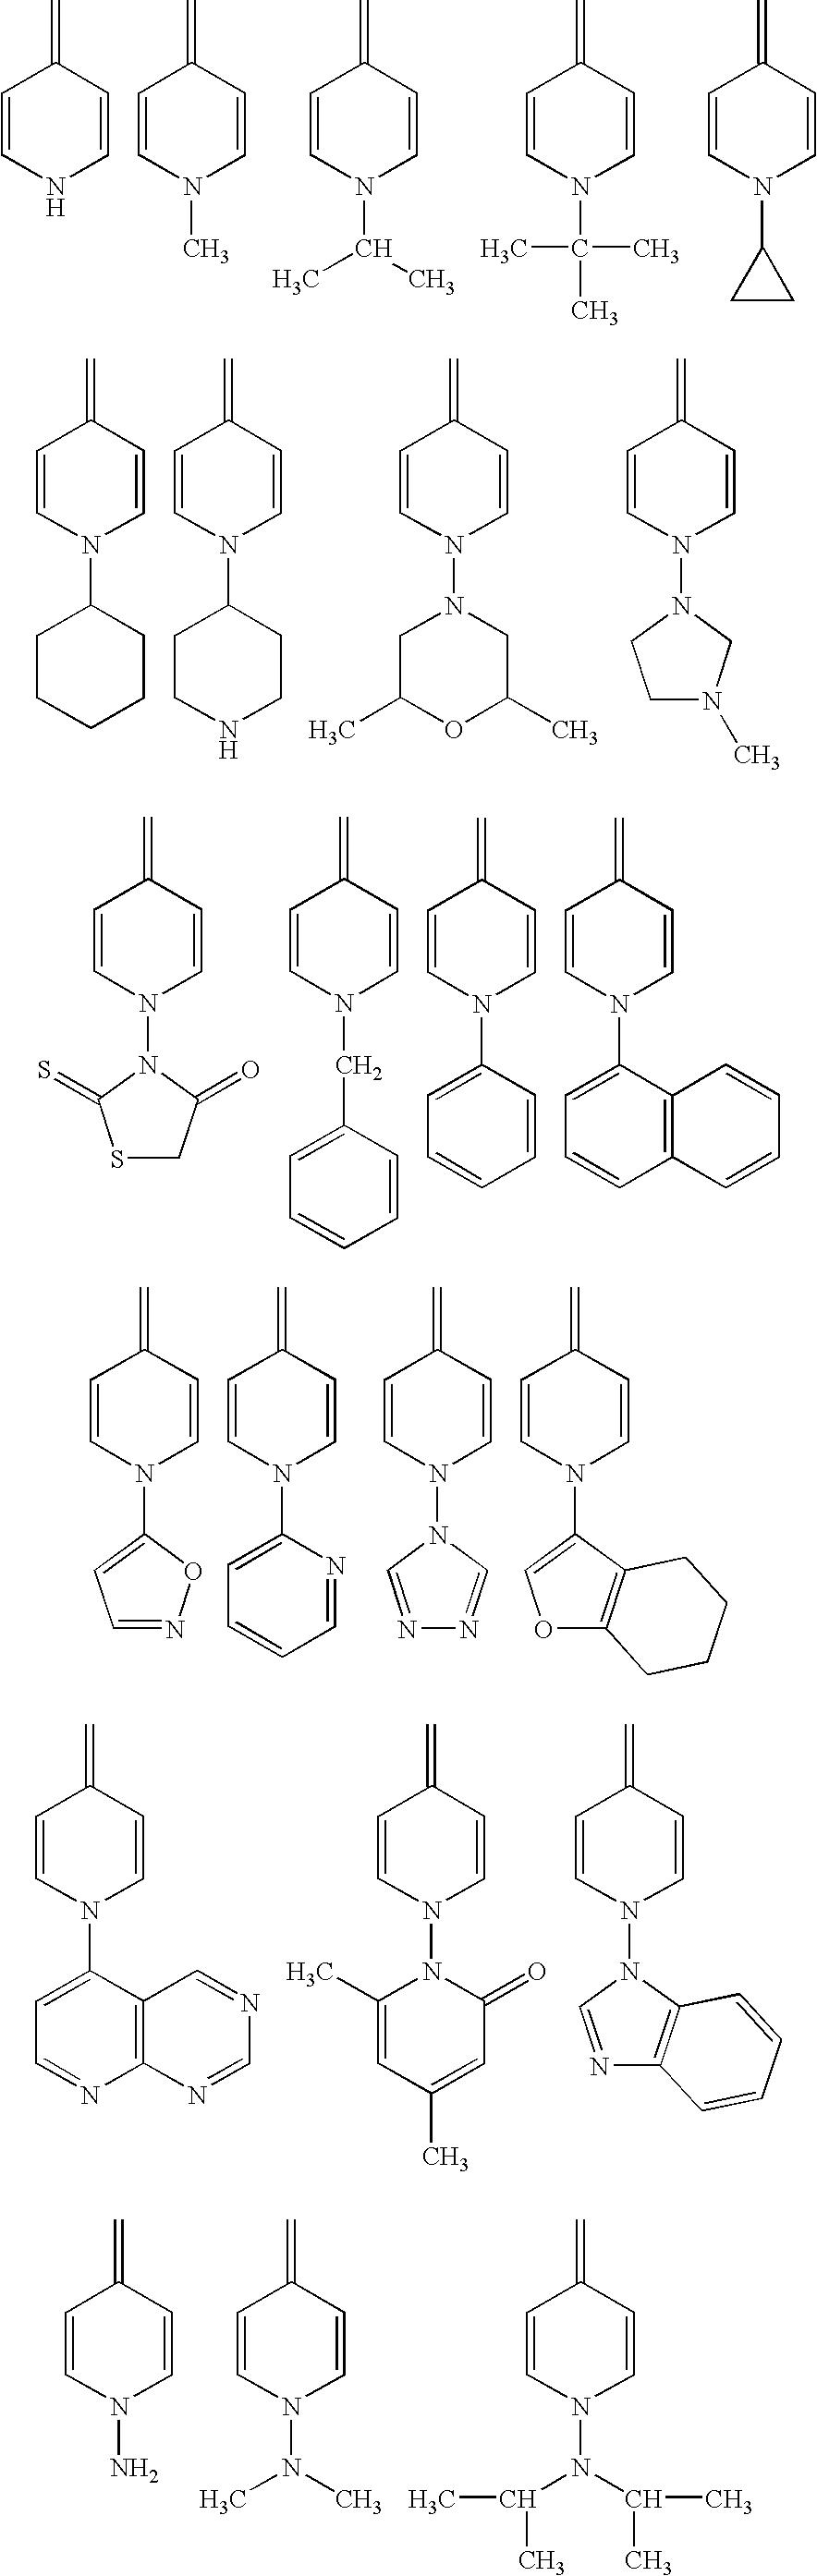 Figure US06815033-20041109-C00010